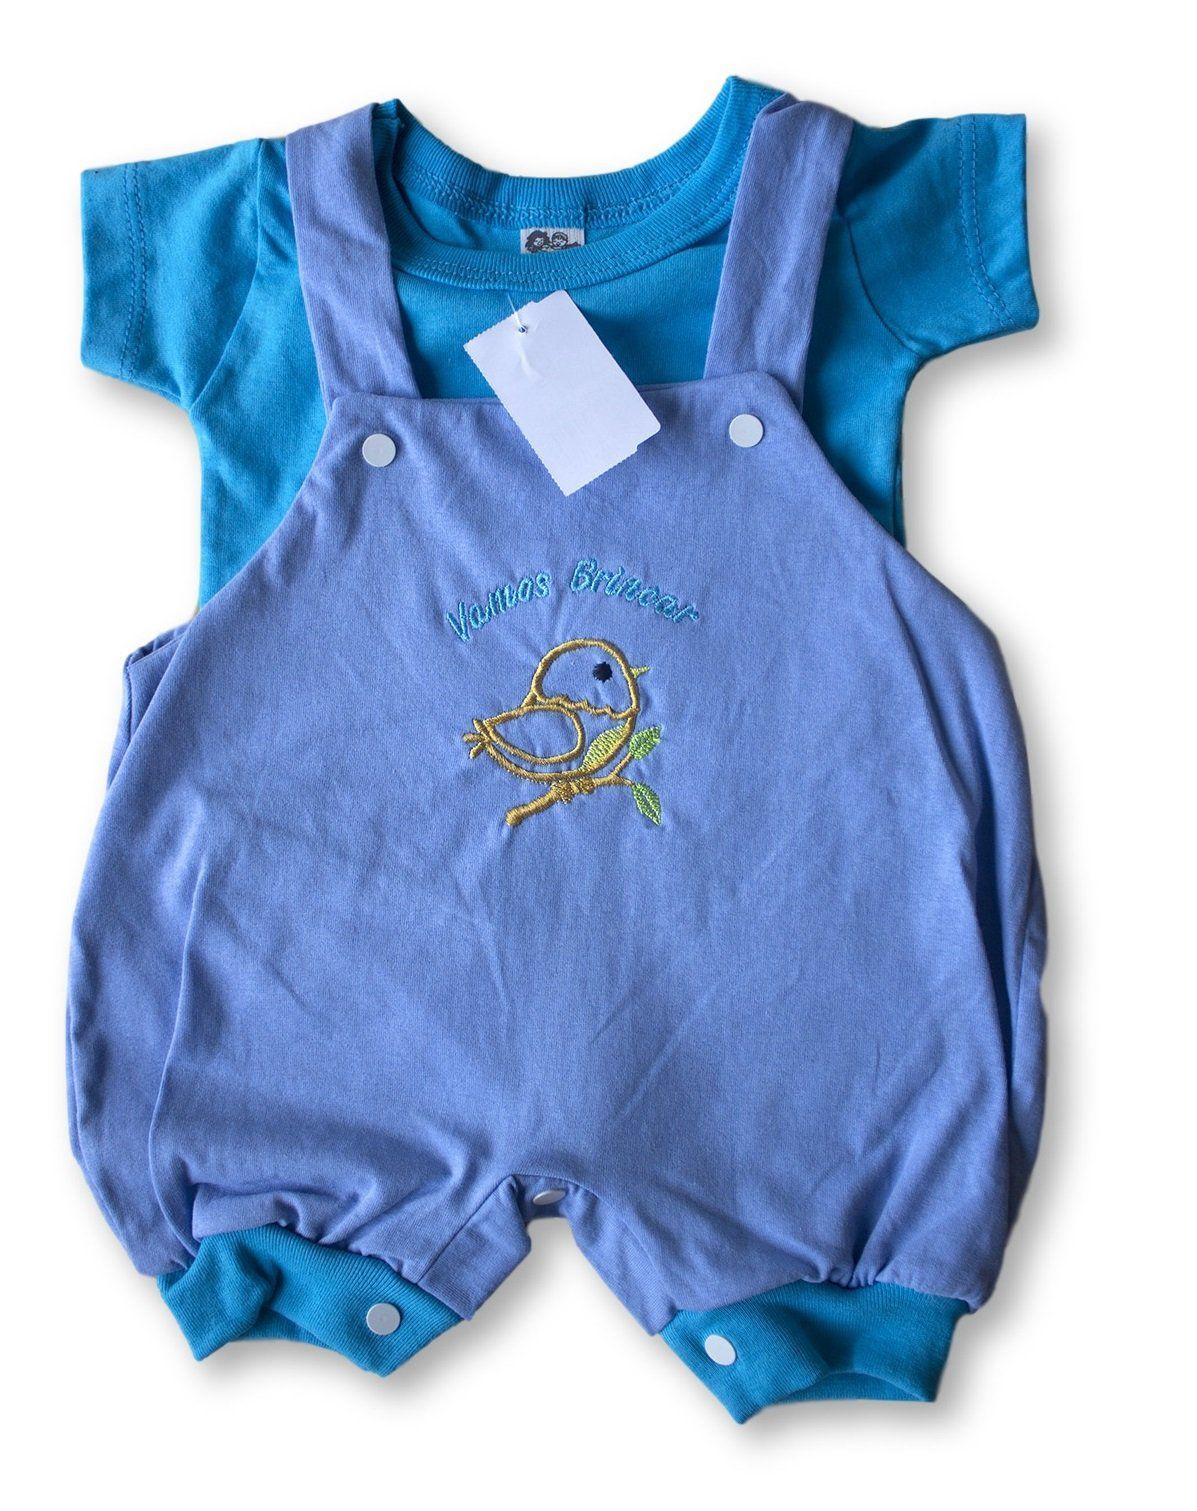 Macacão Bebe Recém Nascido Masculino Bordado Cod 9078